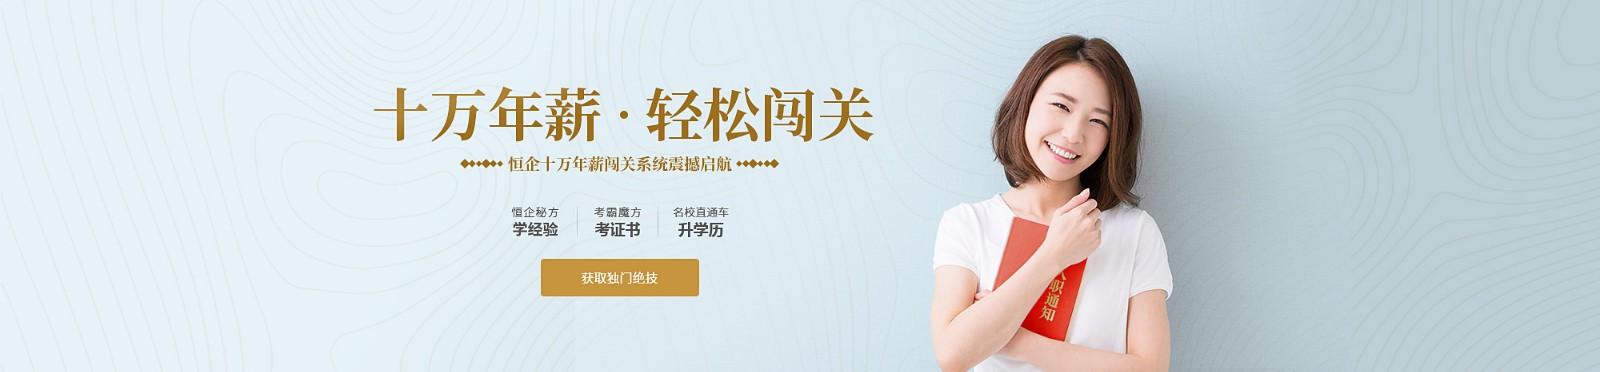 柳州恒企会计betway体育app学校 横幅广告